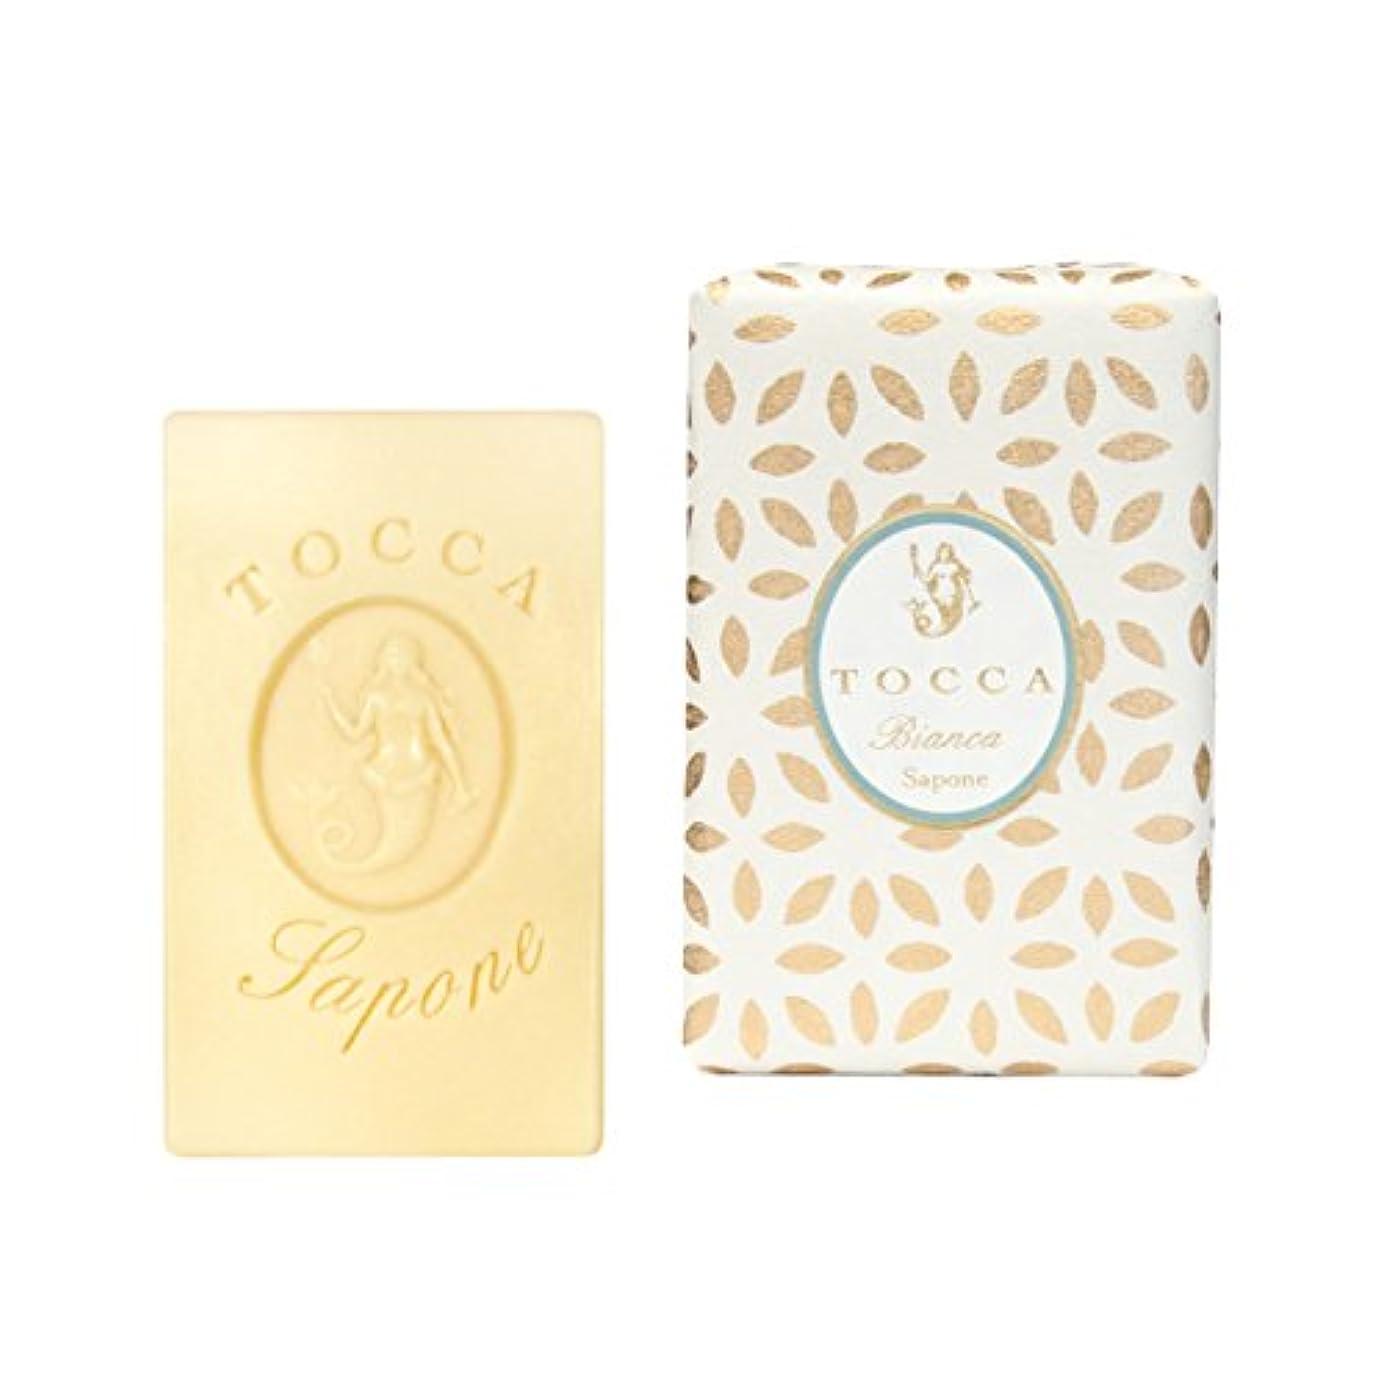 机勇気のある関税トッカ(TOCCA) ソープバー ビアンカの香り 113g(化粧石けん シトラスとグリーンティー、ローズが絶妙に溶け合ったほのかに甘さ漂うフレッシュな香り)